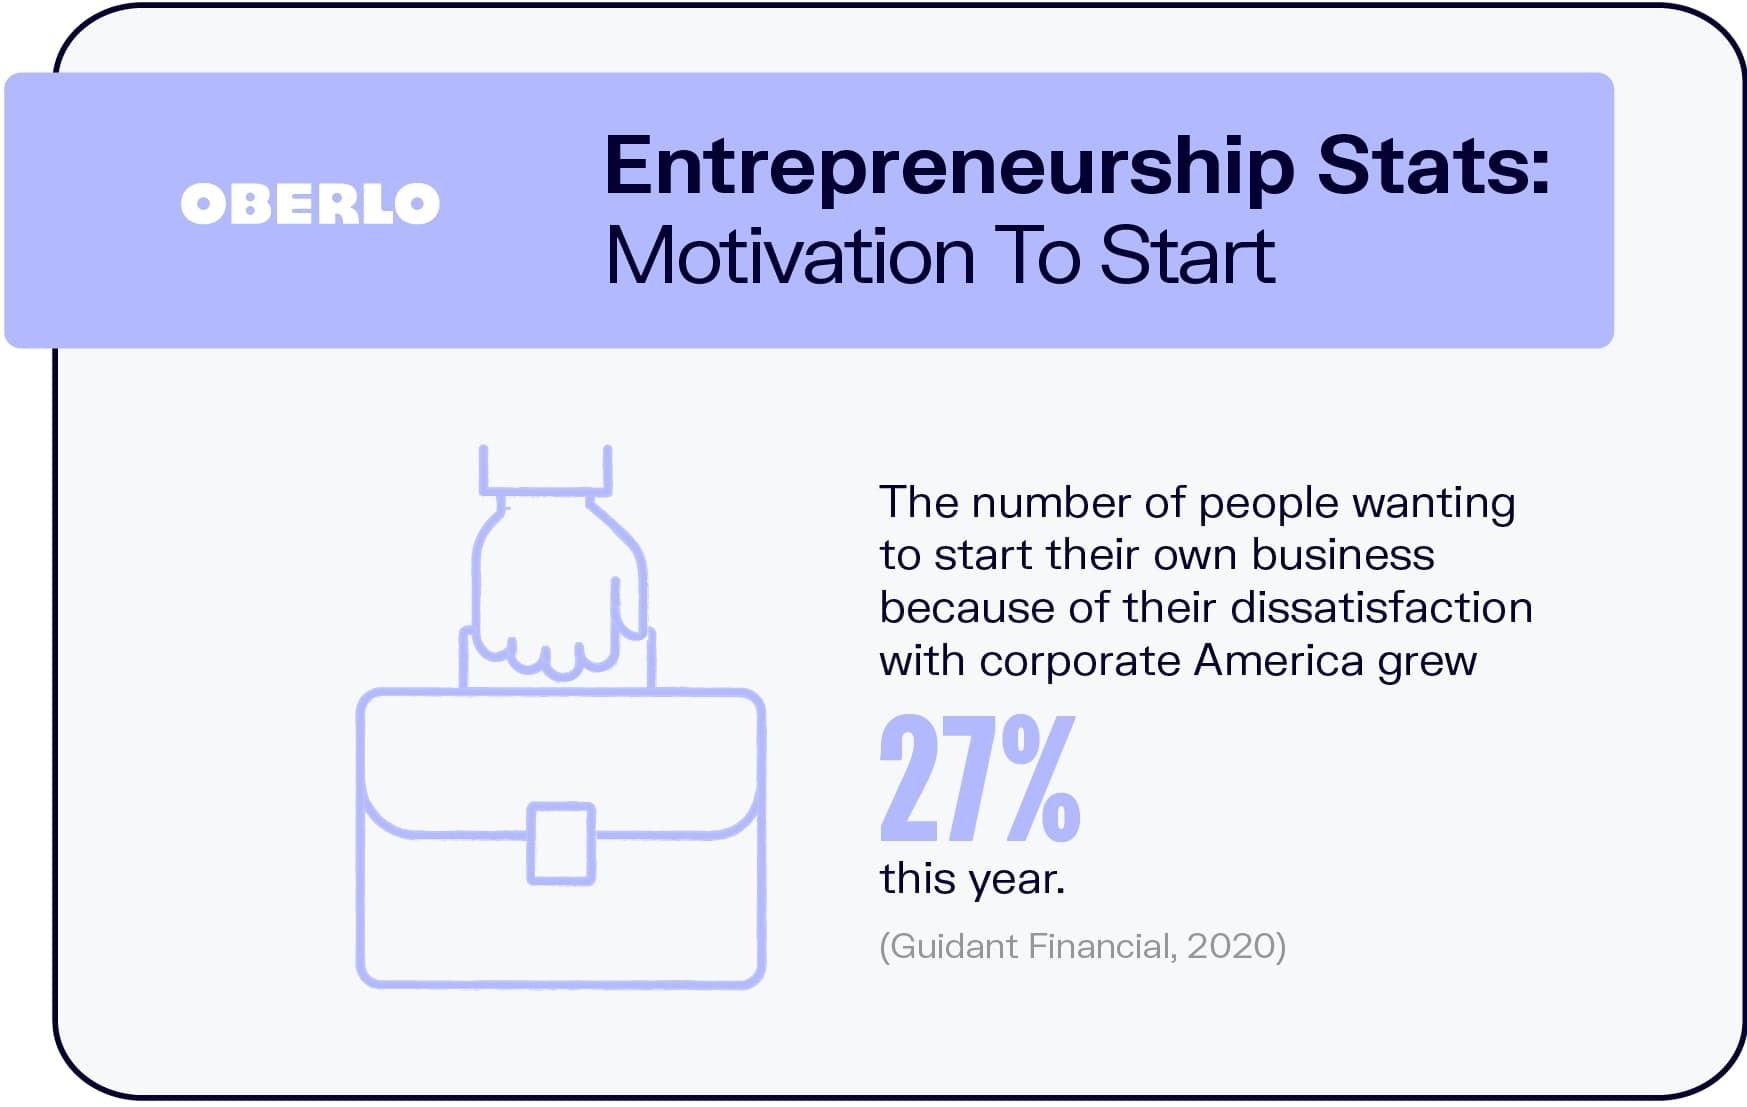 Entrepreneurship Stats: Motivation To Start